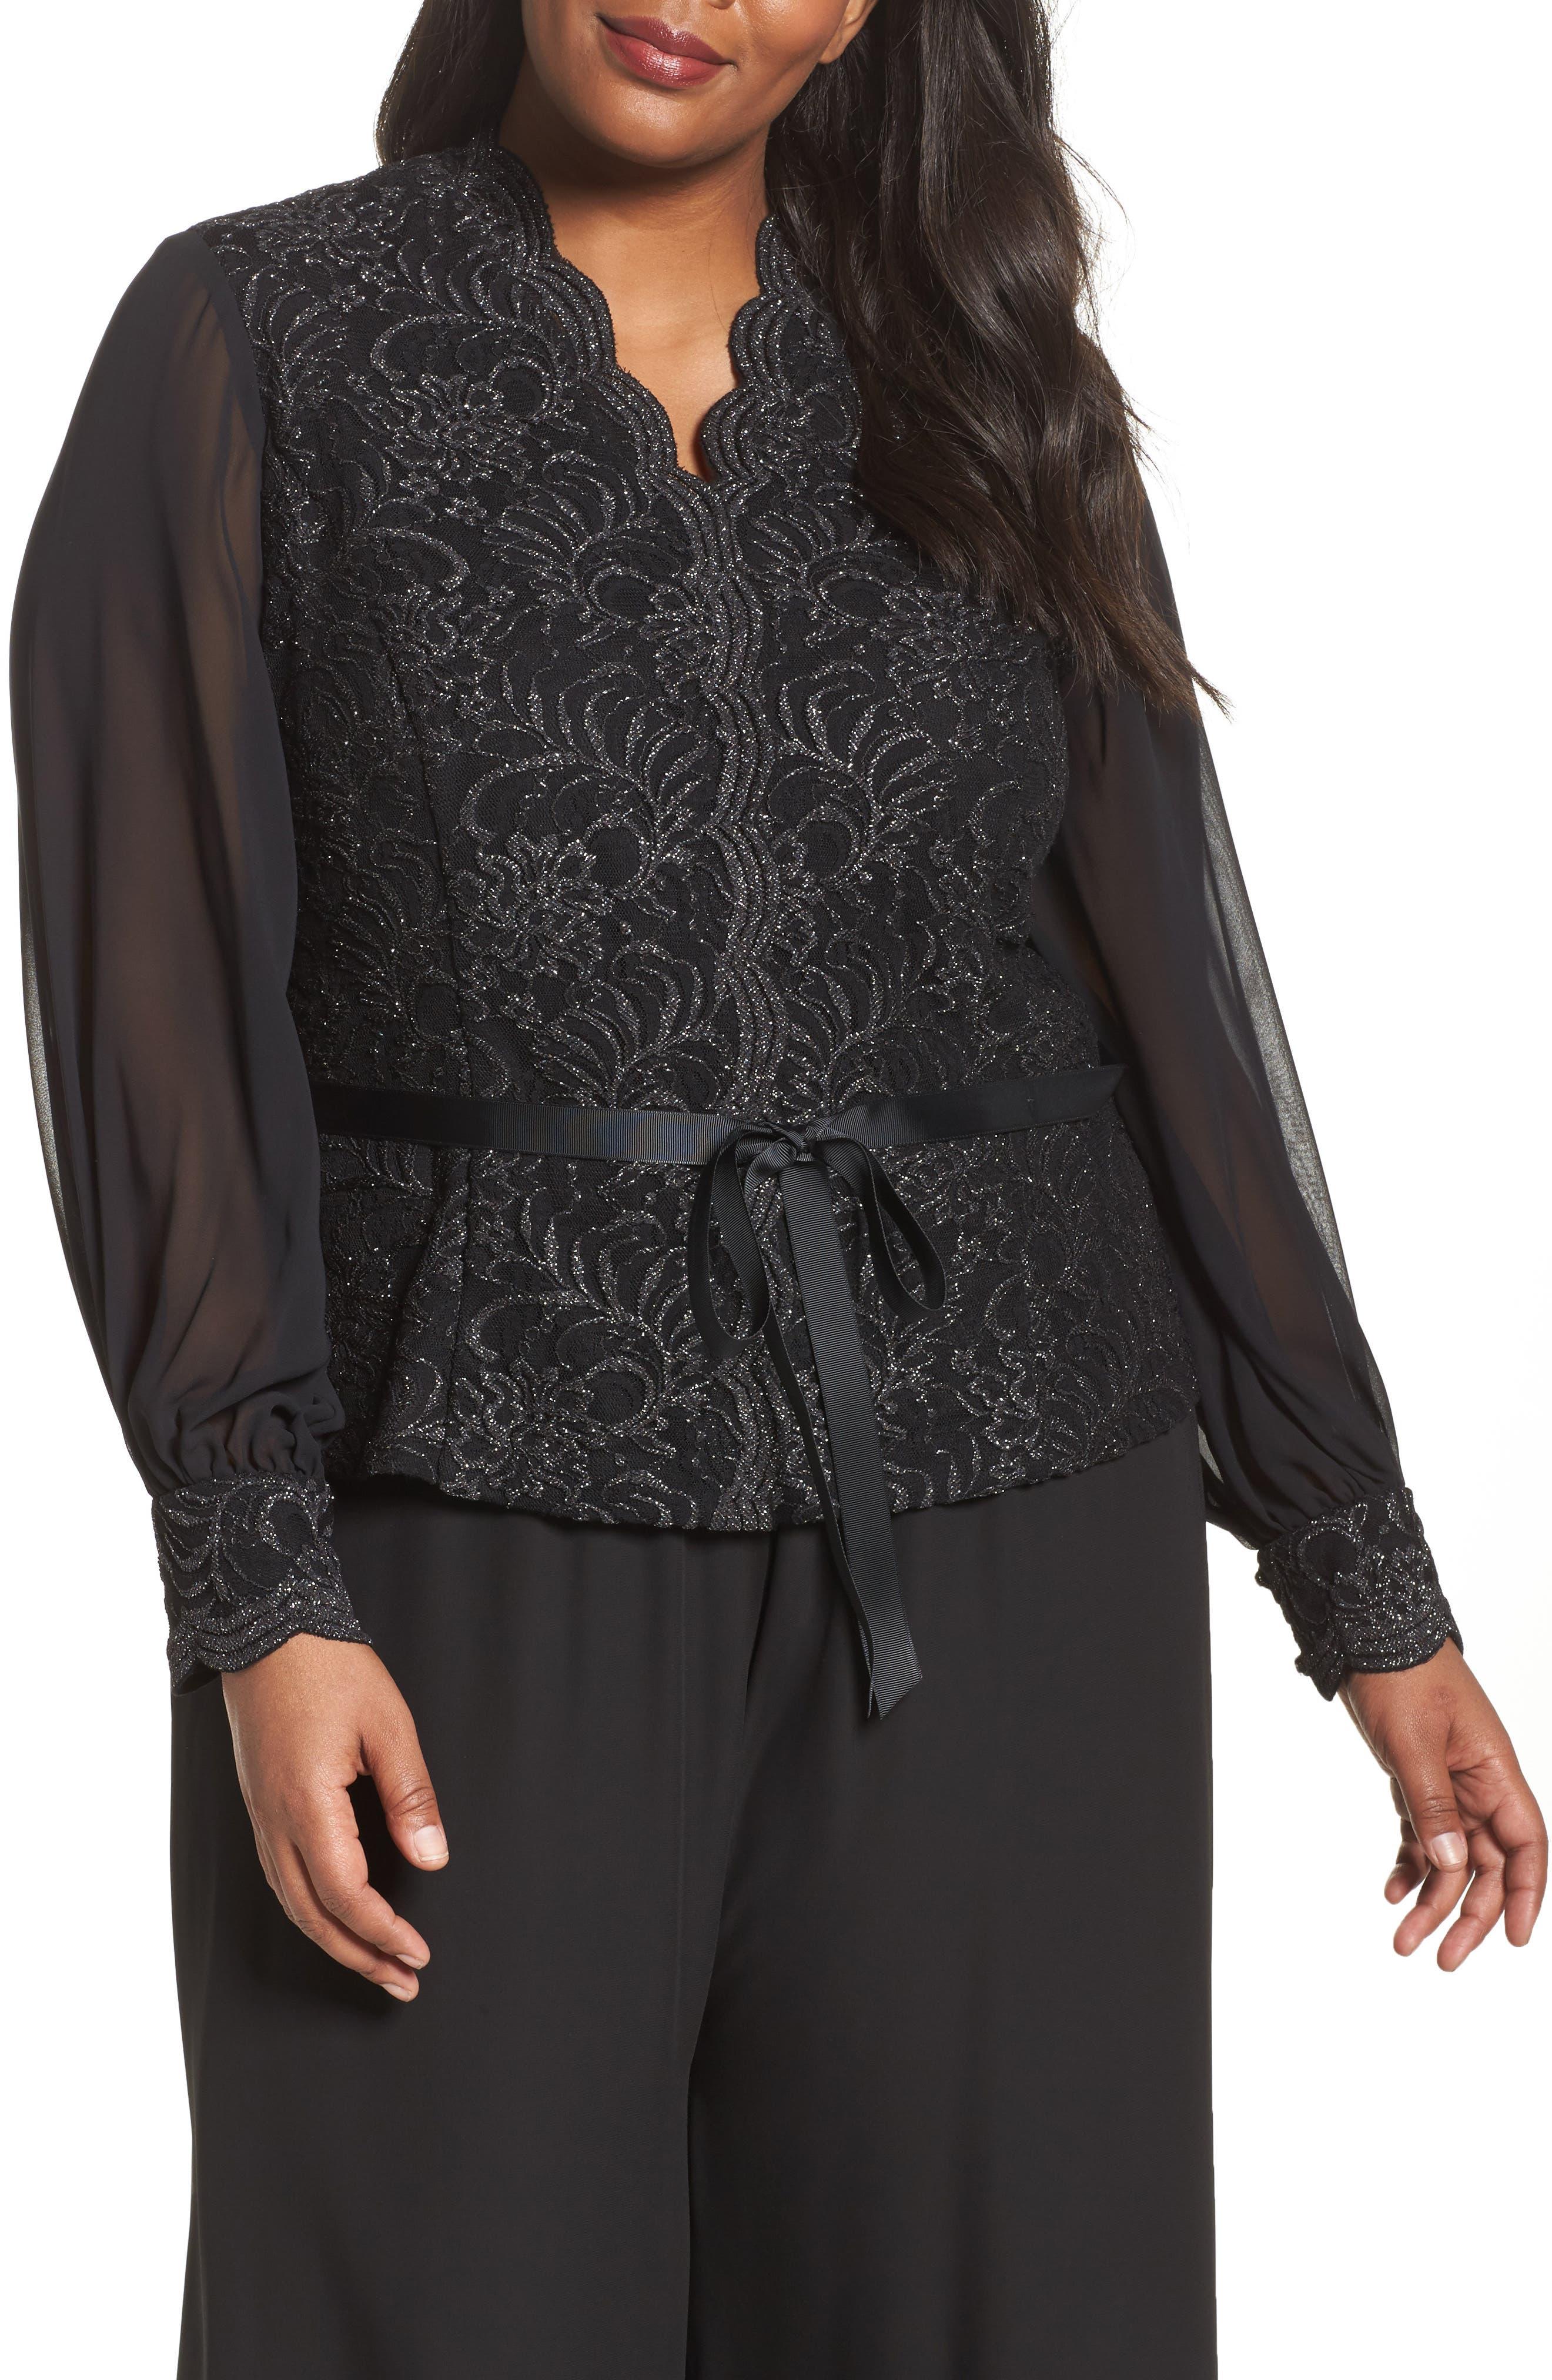 Main Image - Alex Evenings Sequin Lace Blouse with Tie Waist (Plus Size)